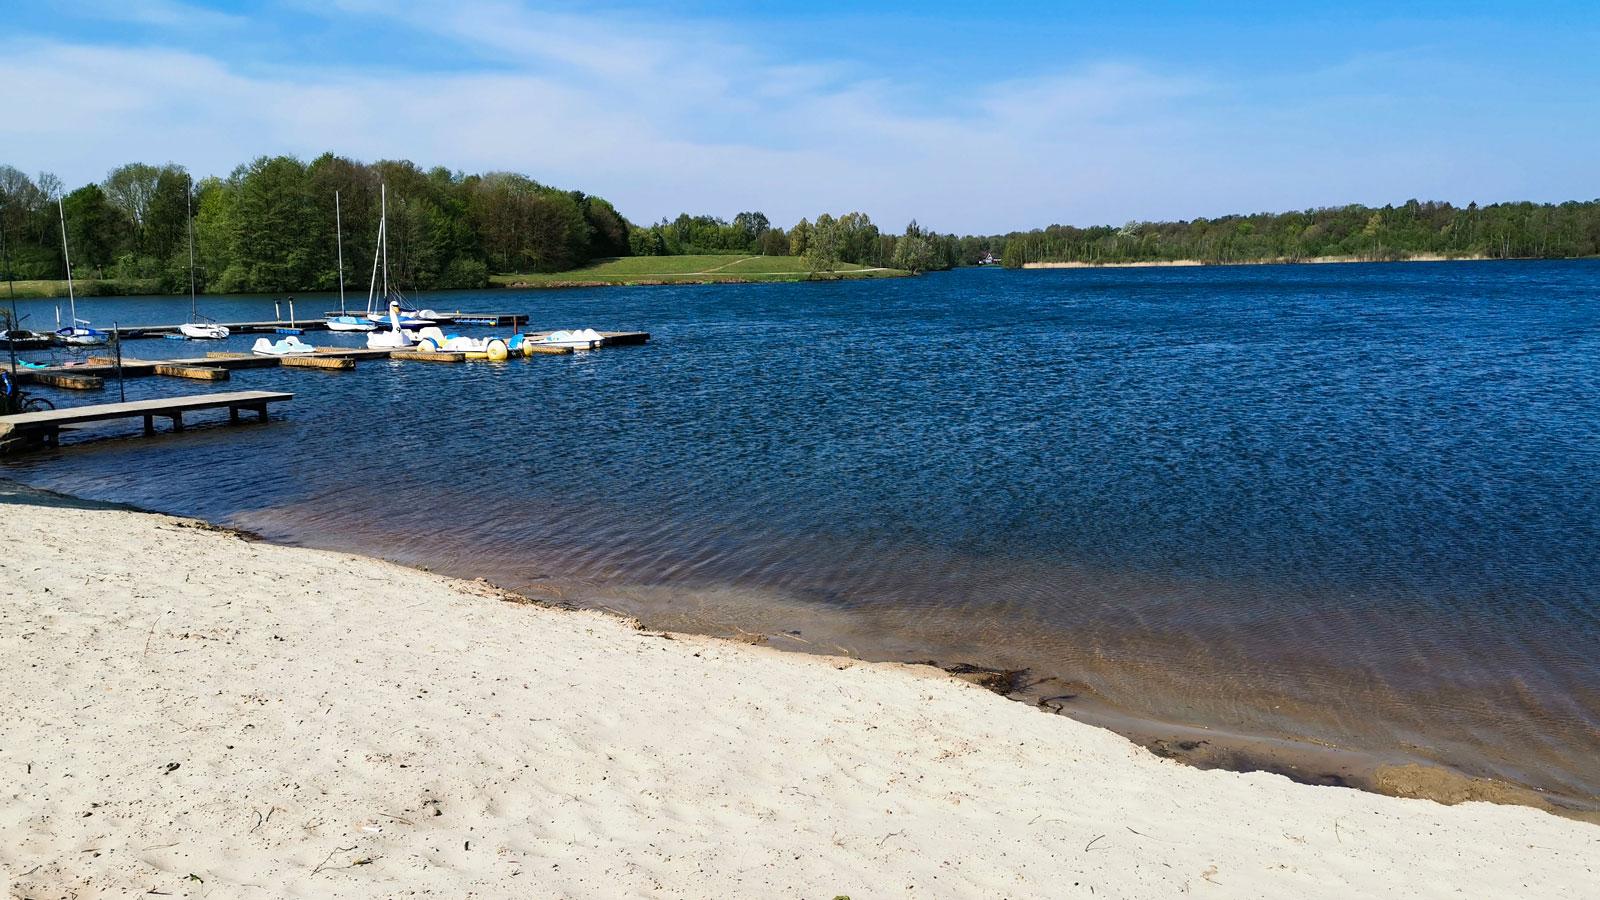 Den konstgjorda sjön Dreiländersee ligger på tyska sidan om gränsen och här är det populärt med både bad och småbåtar.